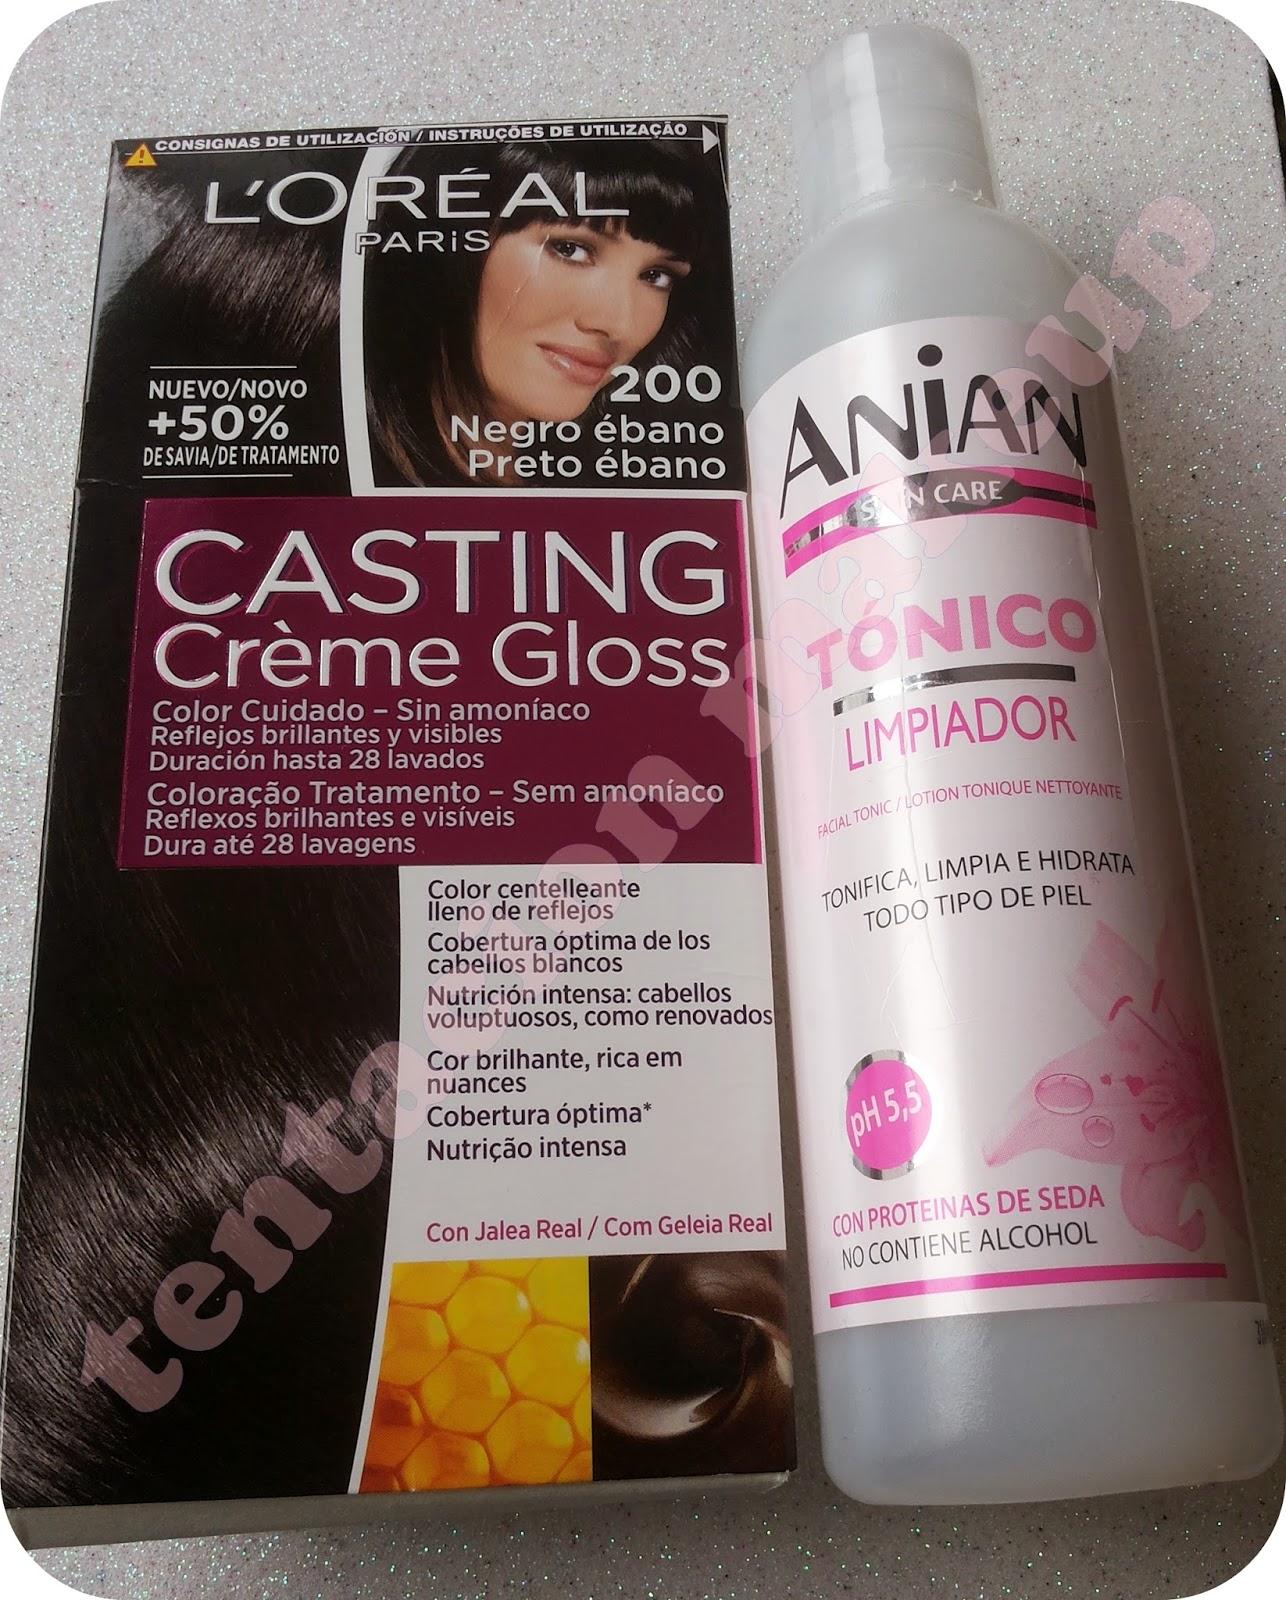 Tentaci n makeup productos terminados - Bano de color loreal ...